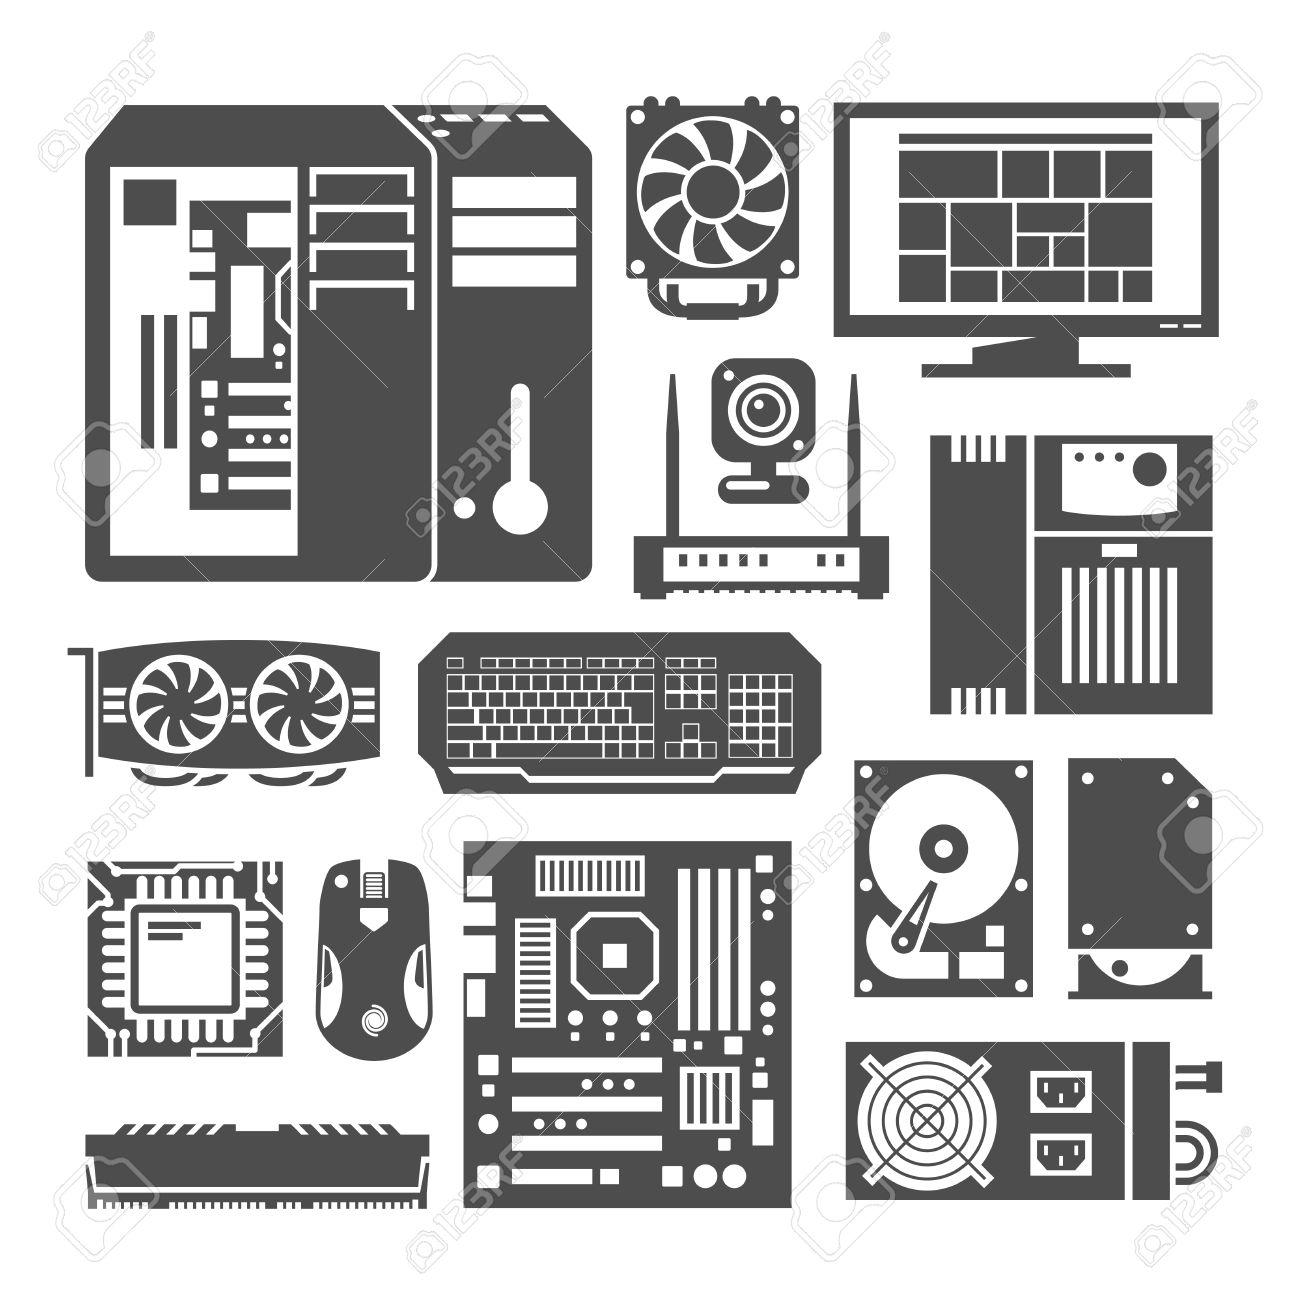 Einfache Schwarze Symbole Gesetzt. PC-Komponenten. Computergeschäft ...